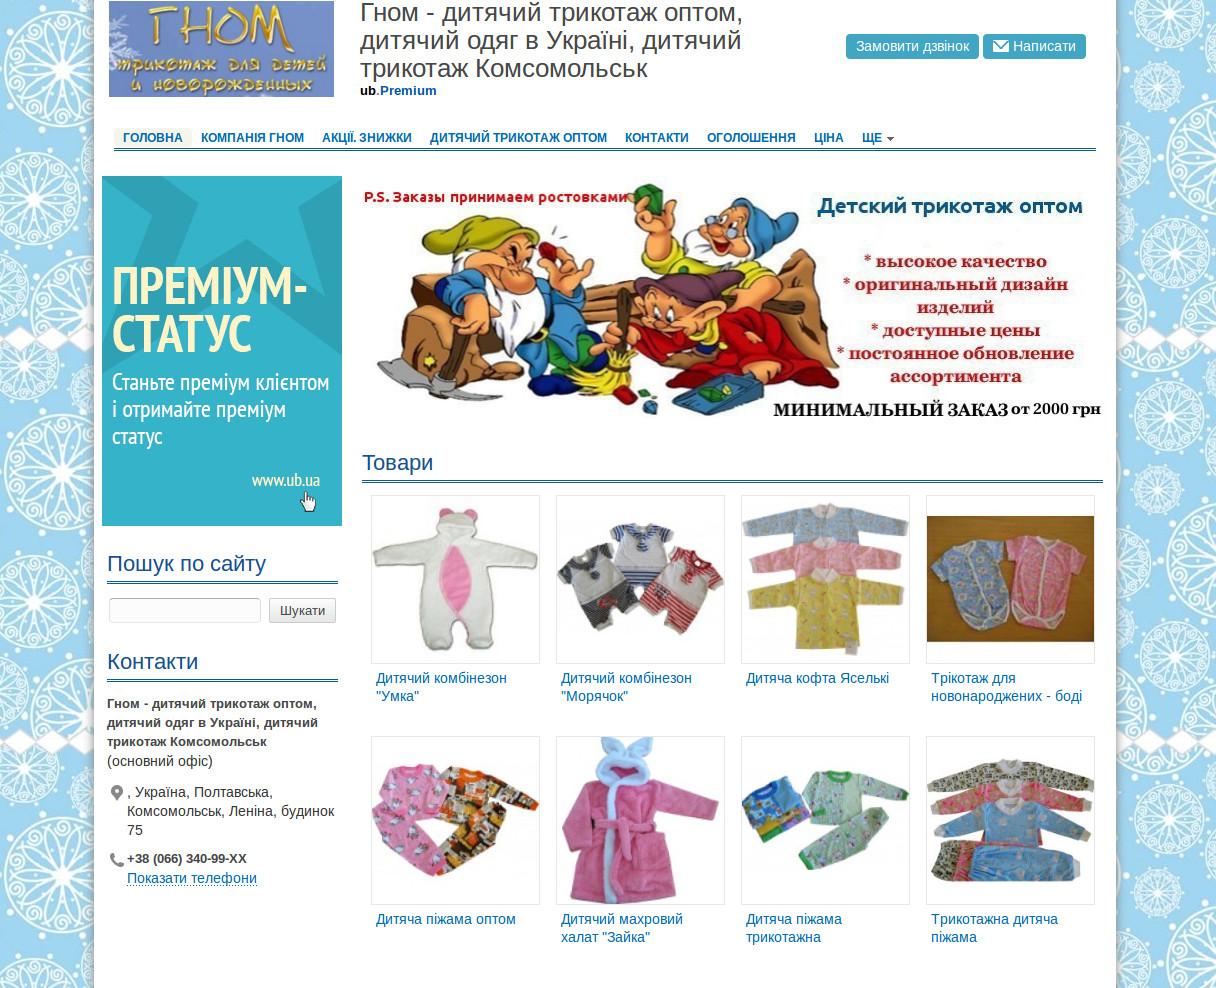 Готовий сайт для продажу дитячого трикотажу оптом (+дизайн) - Товари ... 714c79b35d68b